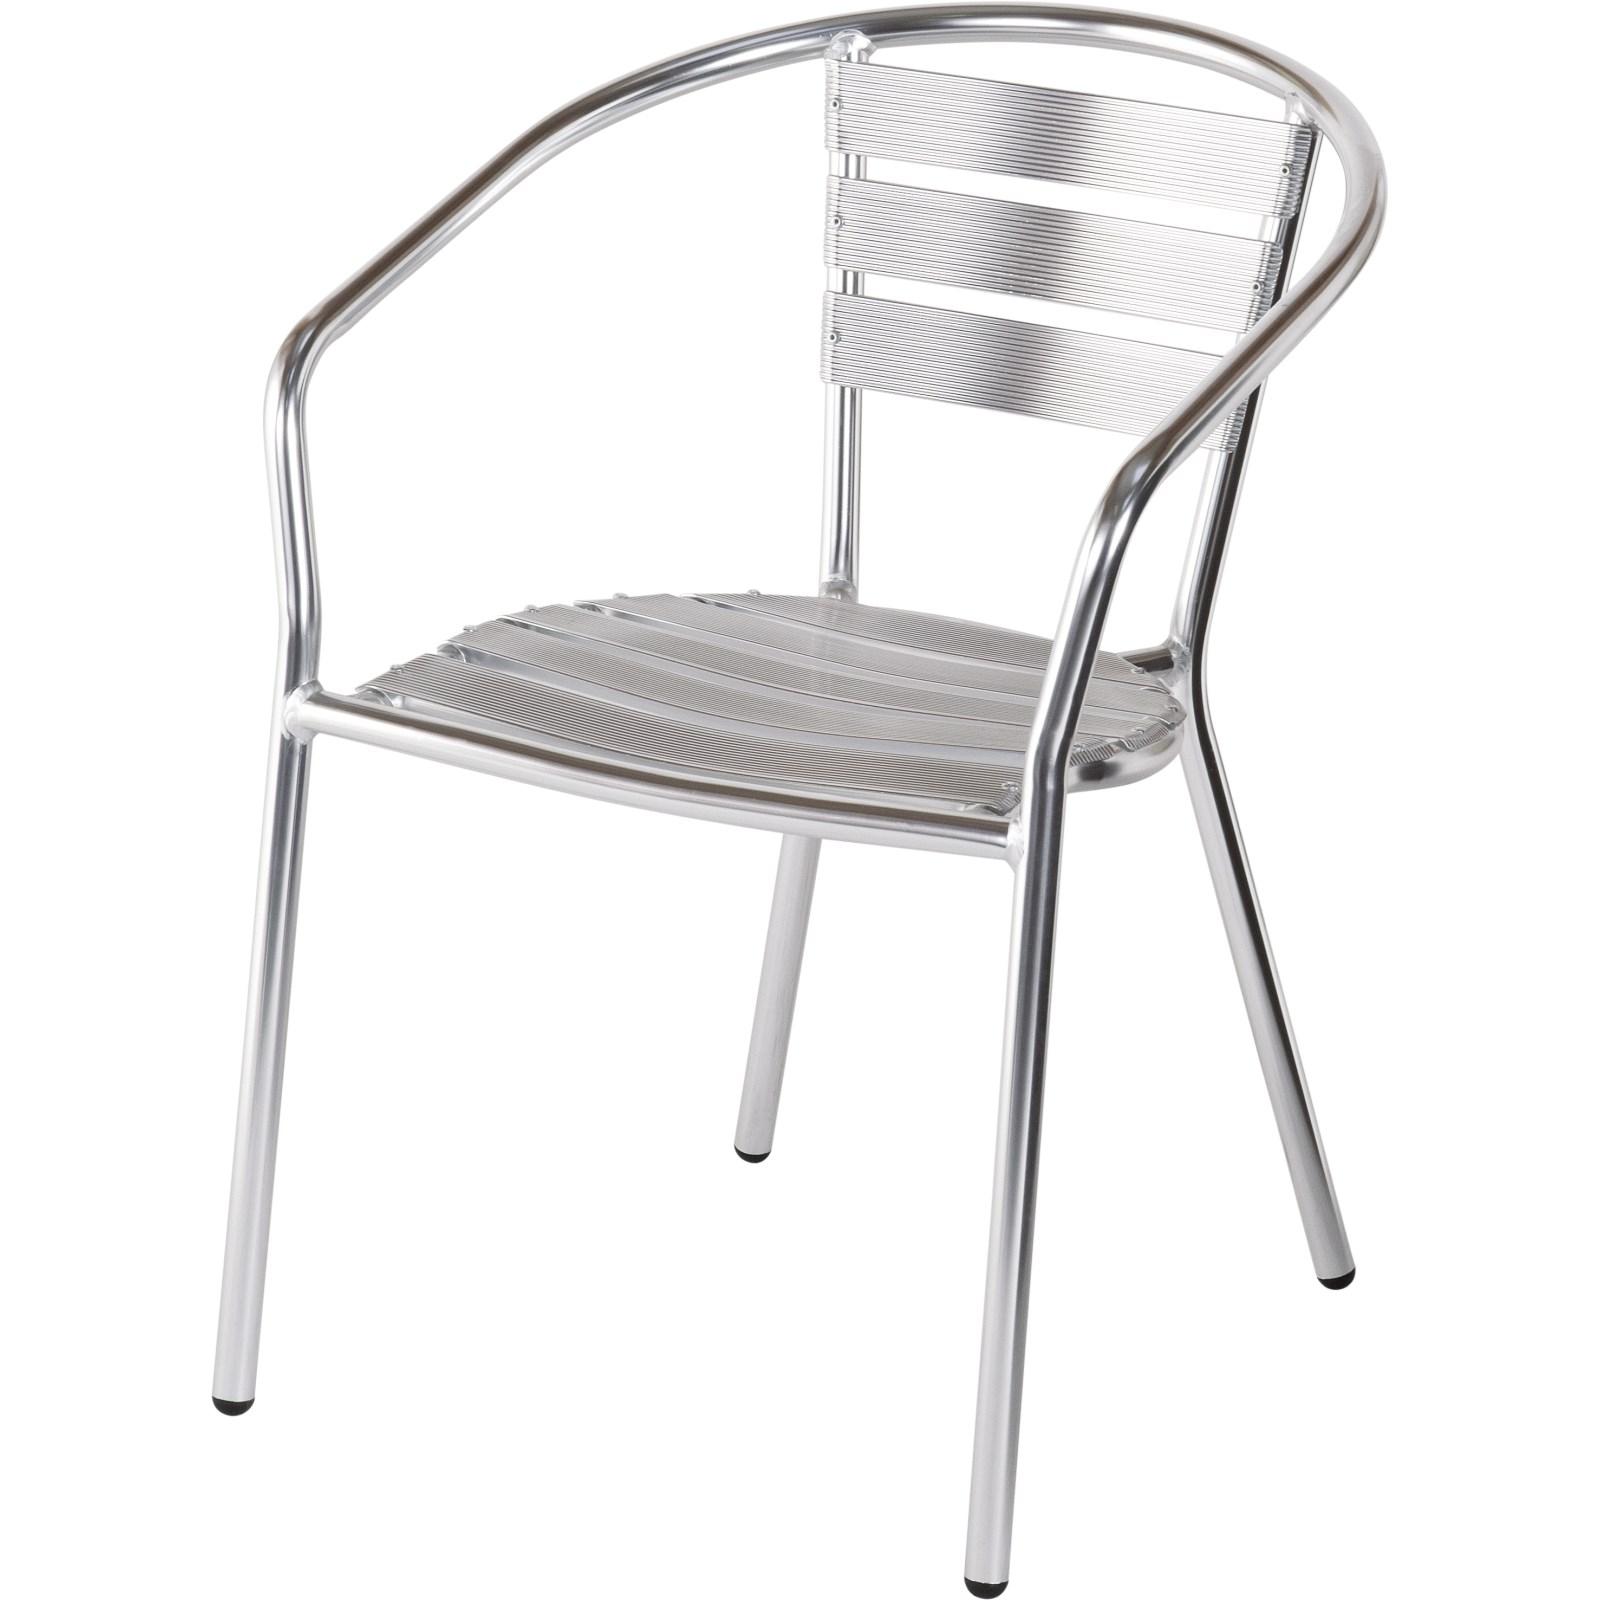 stuhl alu outdoorm bel landi. Black Bedroom Furniture Sets. Home Design Ideas